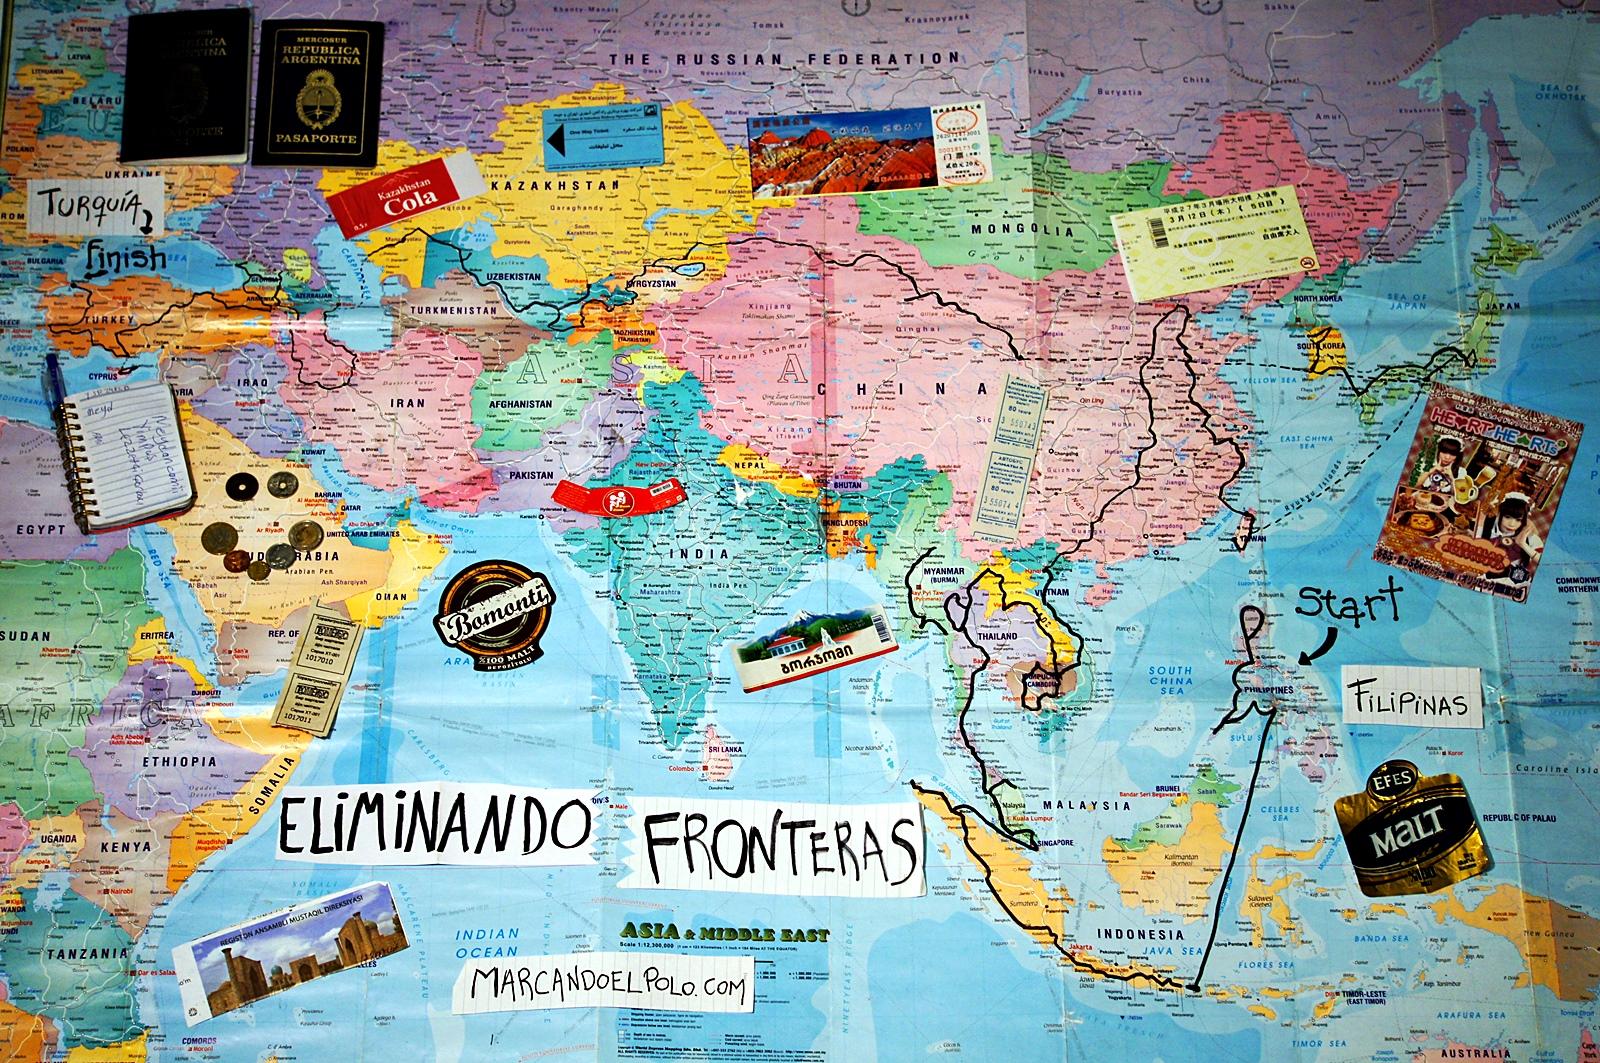 Eliminando Fronteras mapa